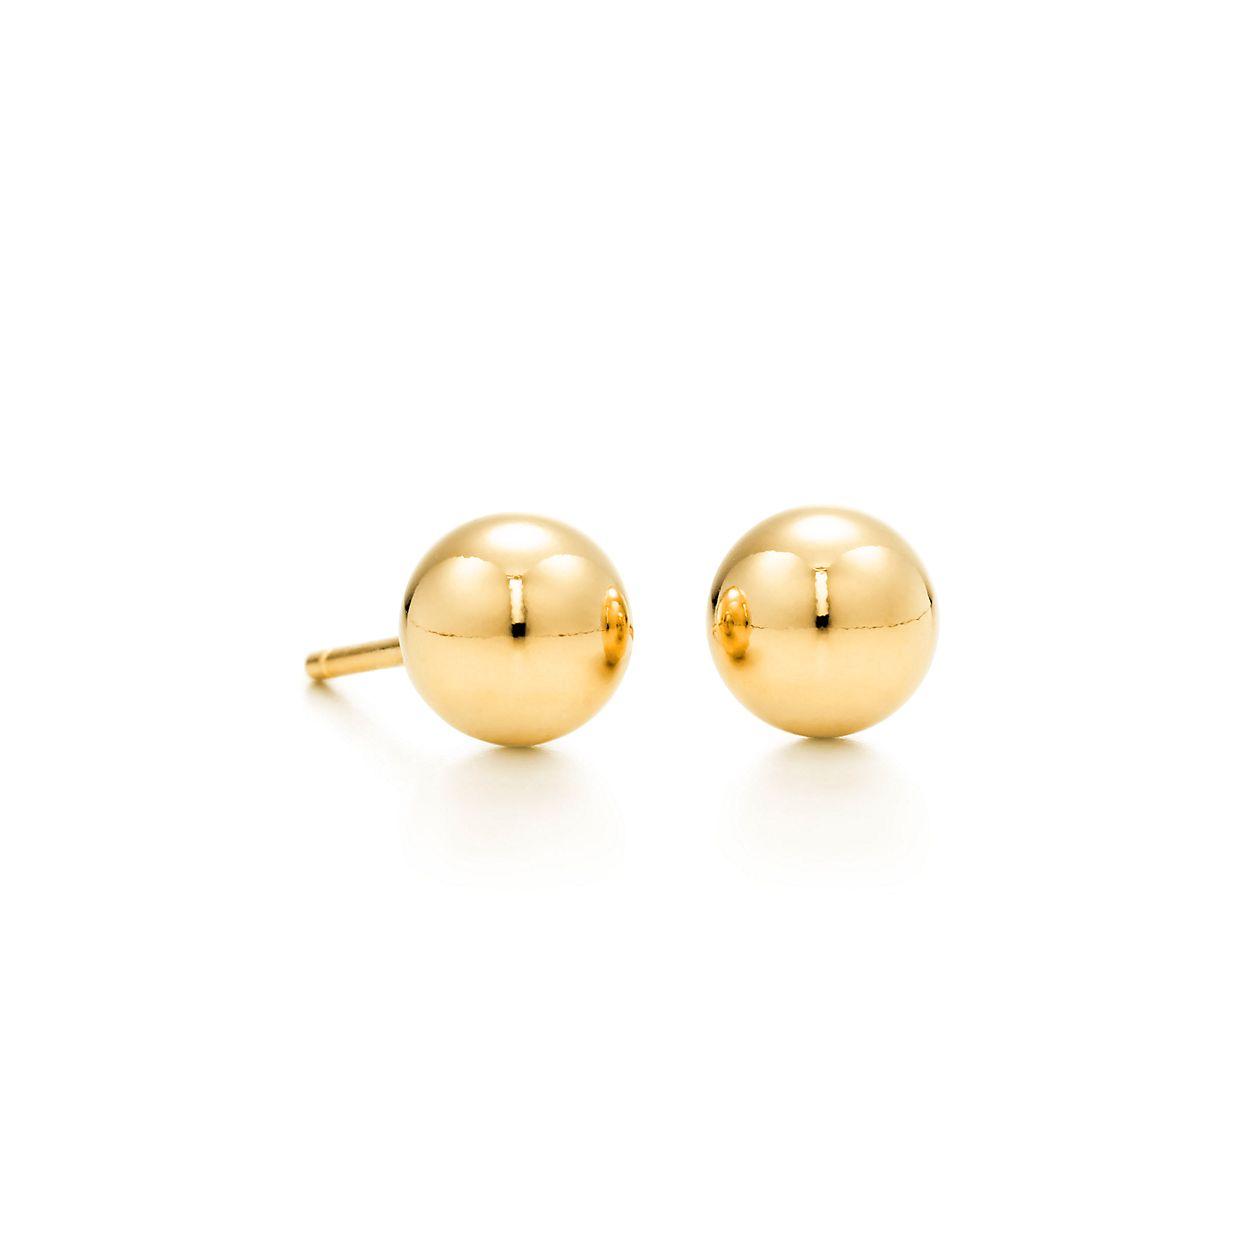 Hardwear Ball Earrings In 18k Gold